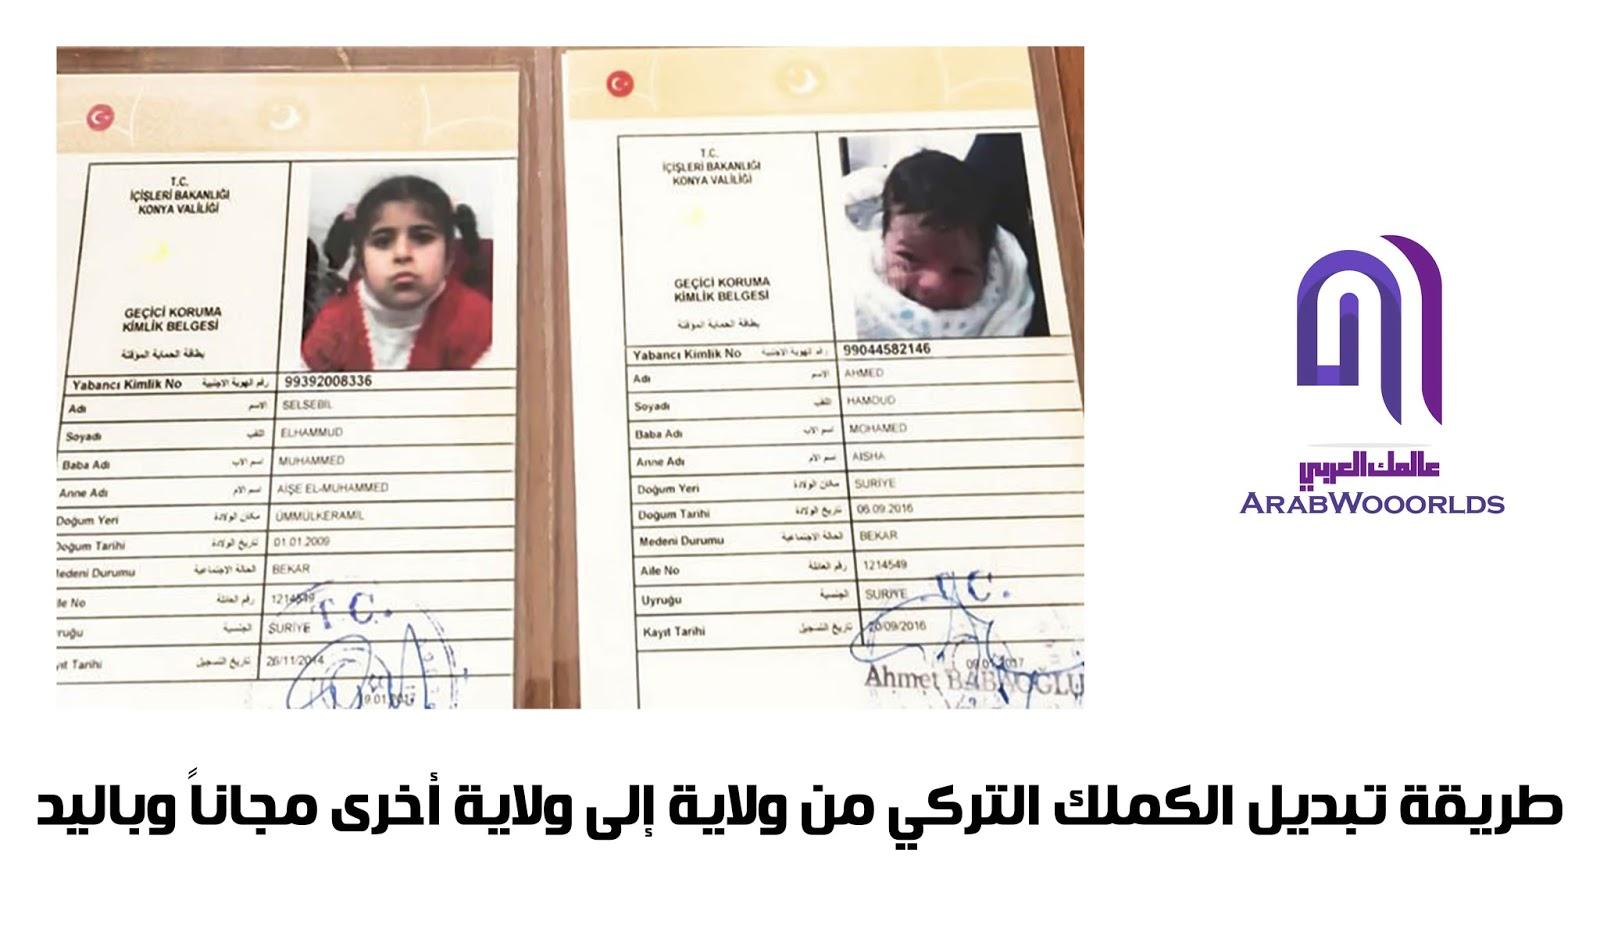 تغيير رقم الكمليك من 98 الى 99 للسوريين